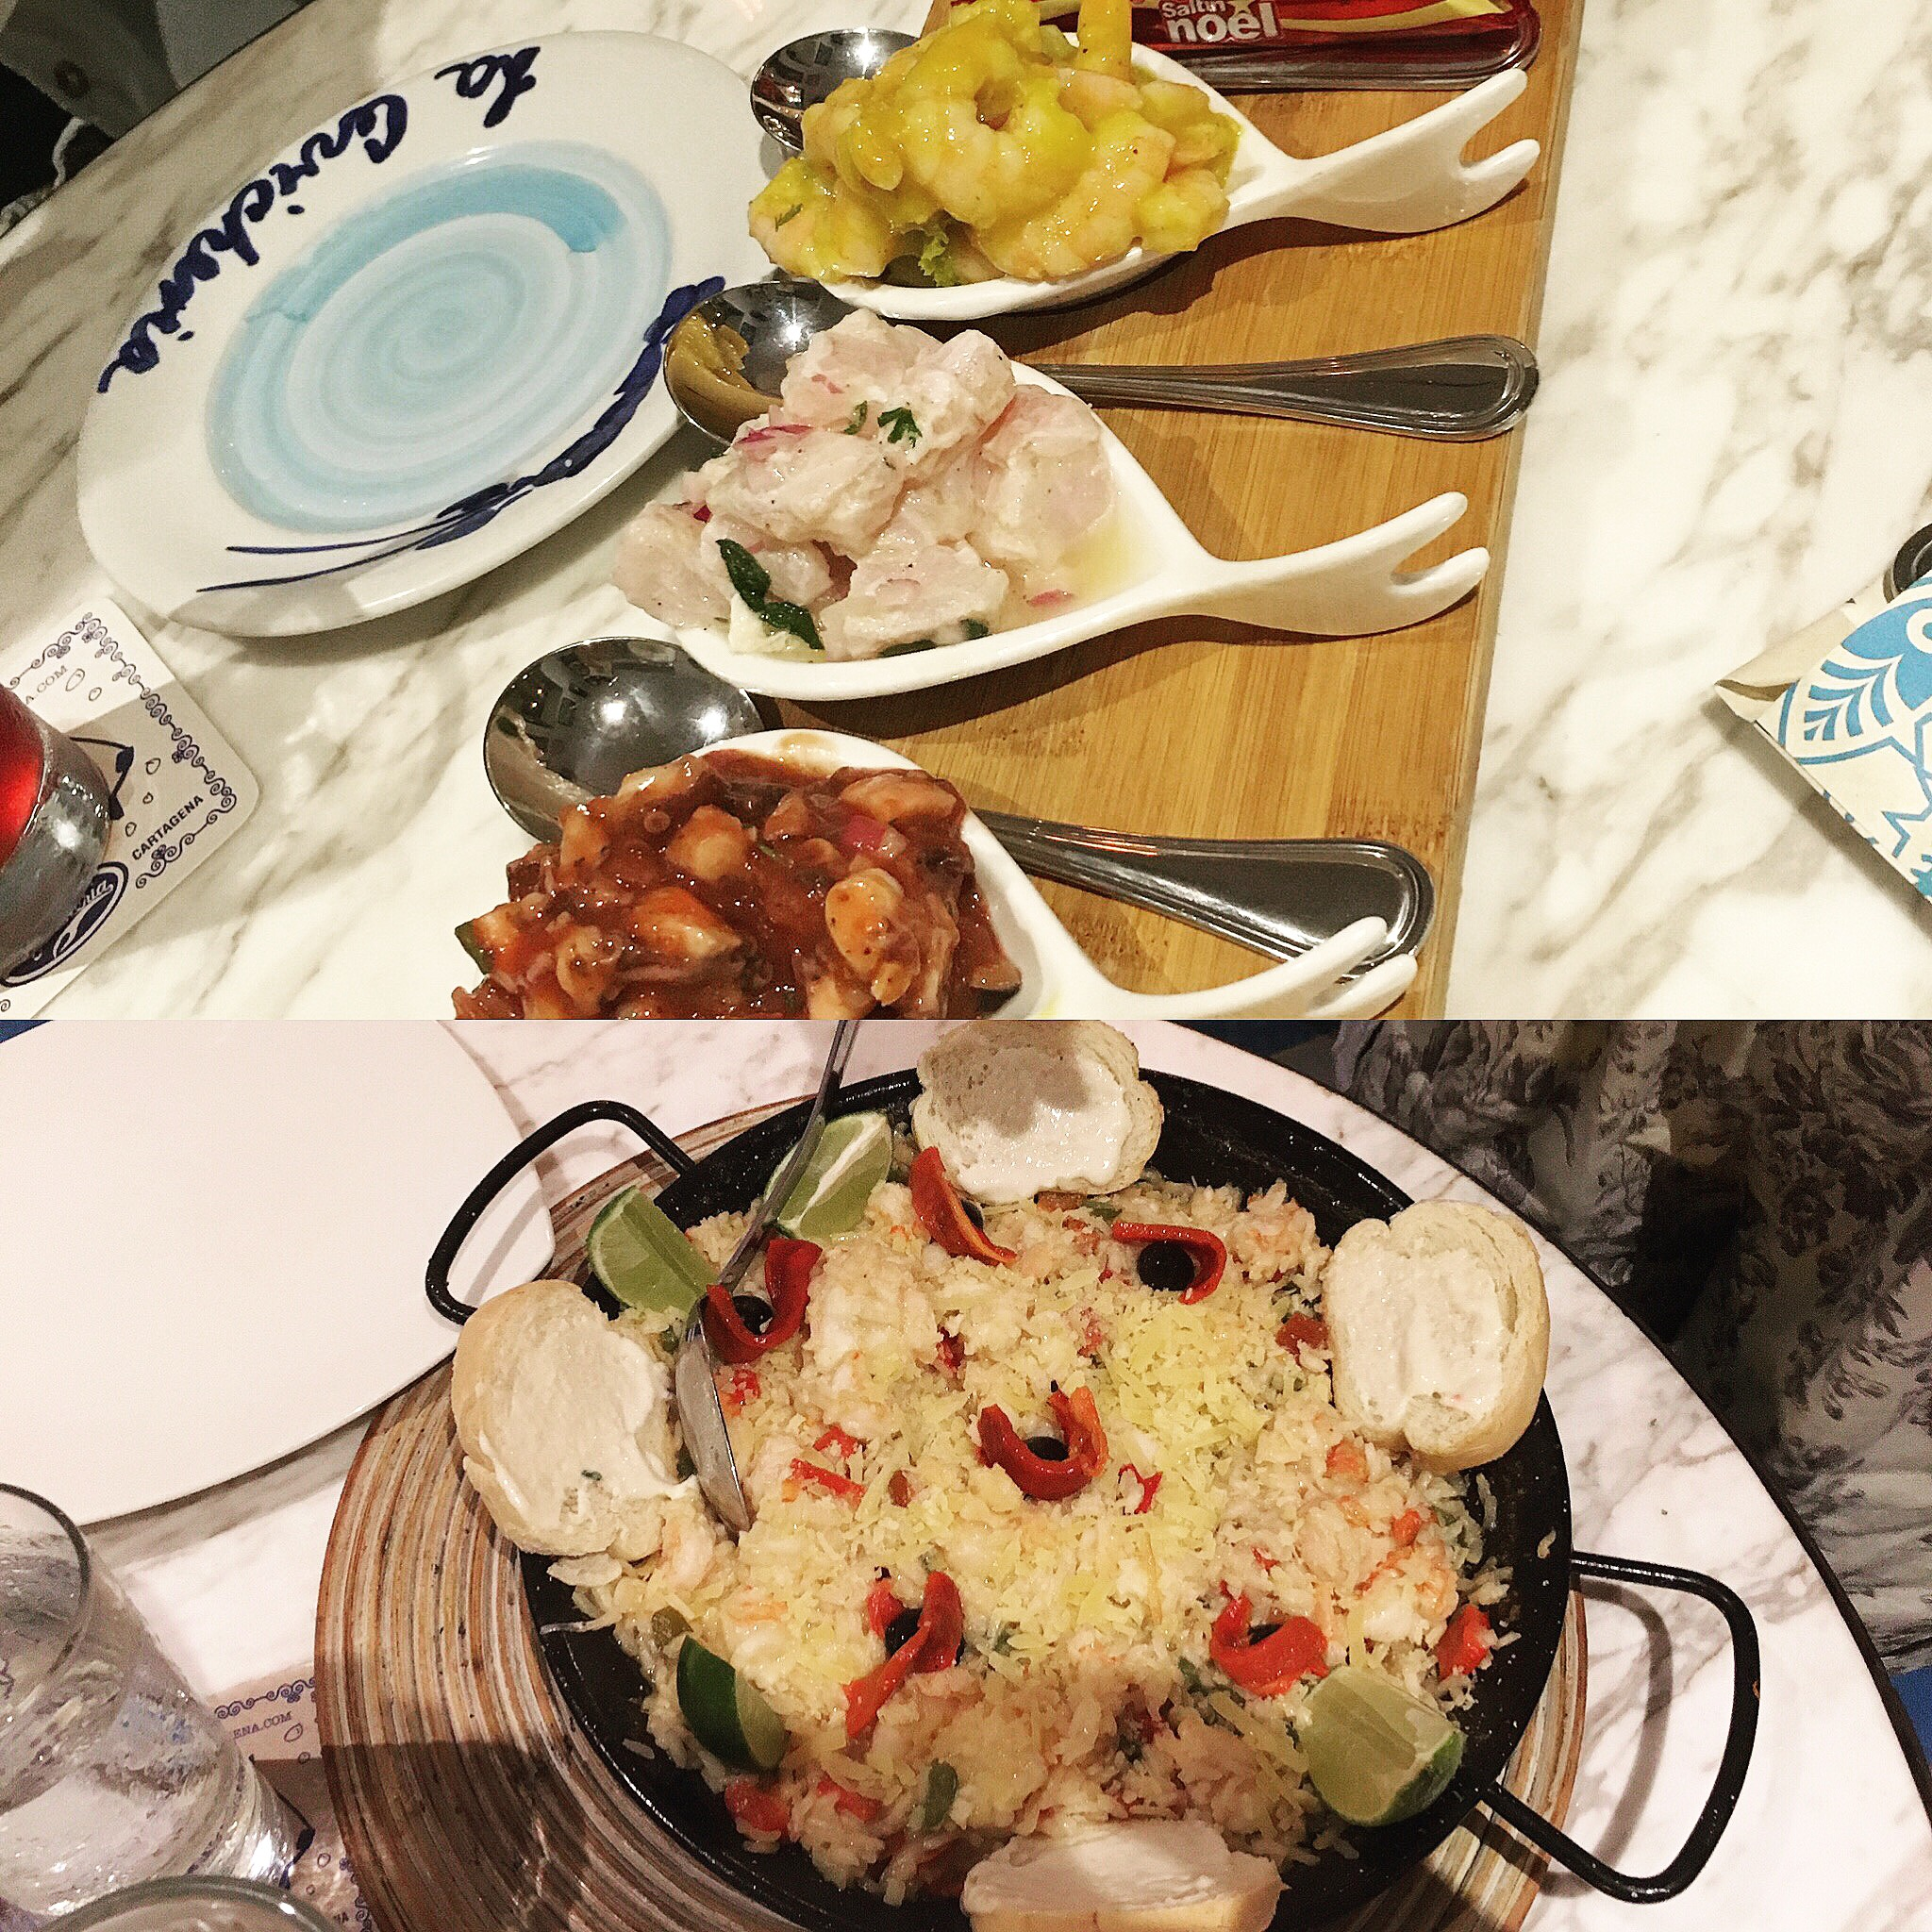 Ceviche and Lobster Paella at La Cevicheria